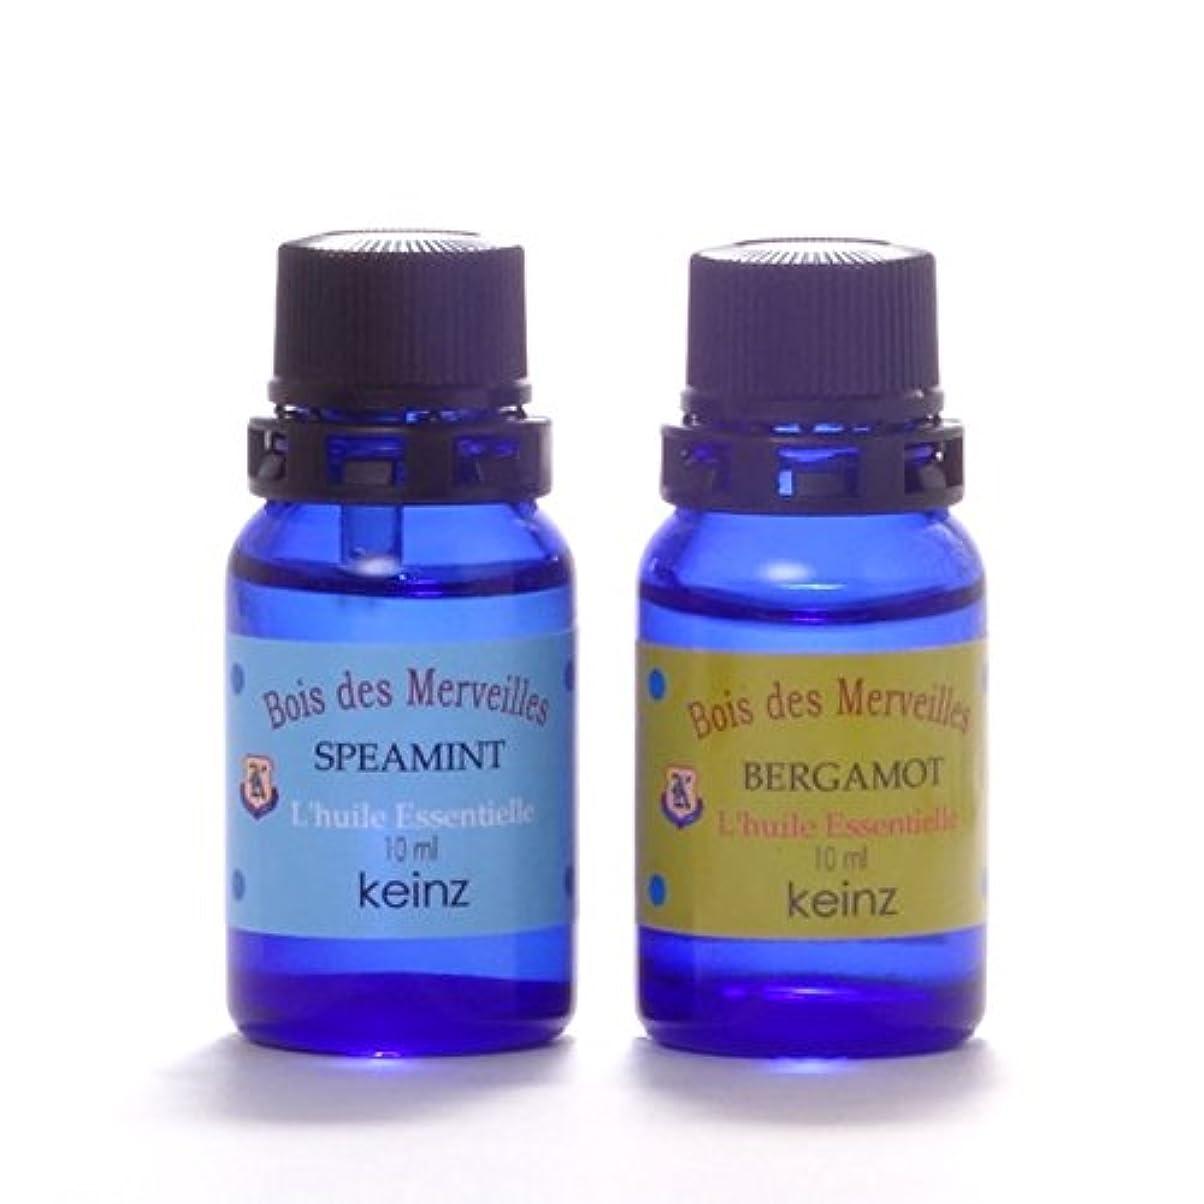 推進シェル風keinzエッセンシャルオイル「ベルガモット10ml&スペアミント10ml」2種1セット ケインズ正規品 製造国アメリカ 完全無添加 人工香料は使っていません。